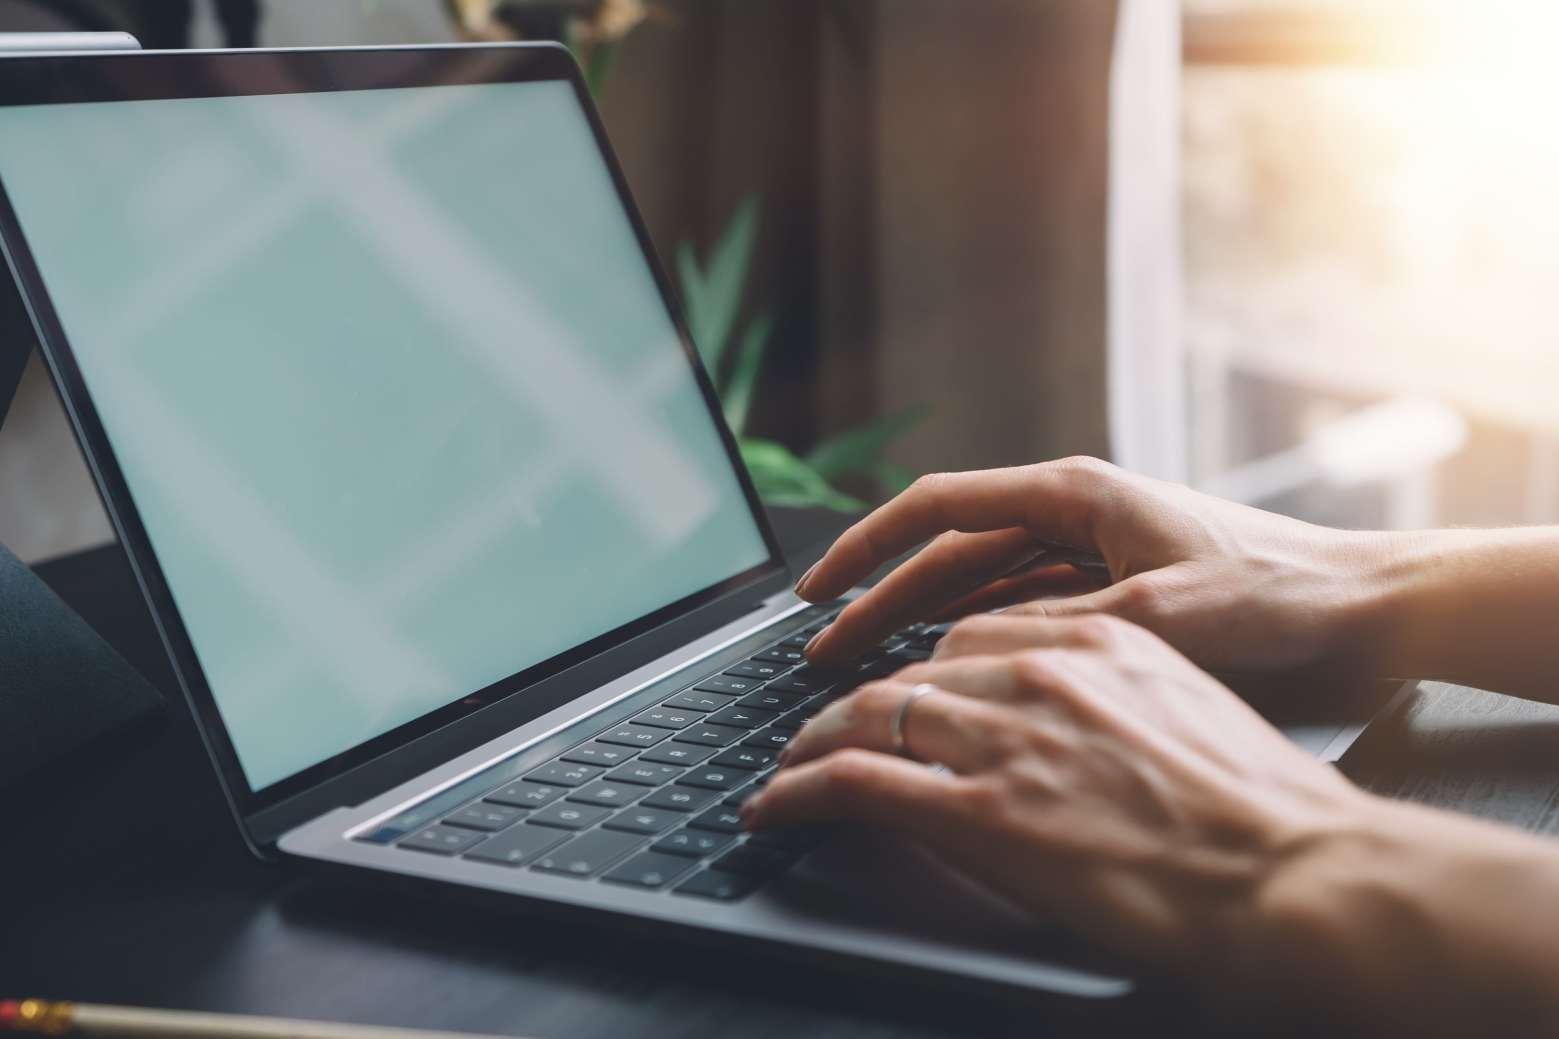 Deux mains tapant sur un ordinateur portable lors de la saisie d'une annonce légale